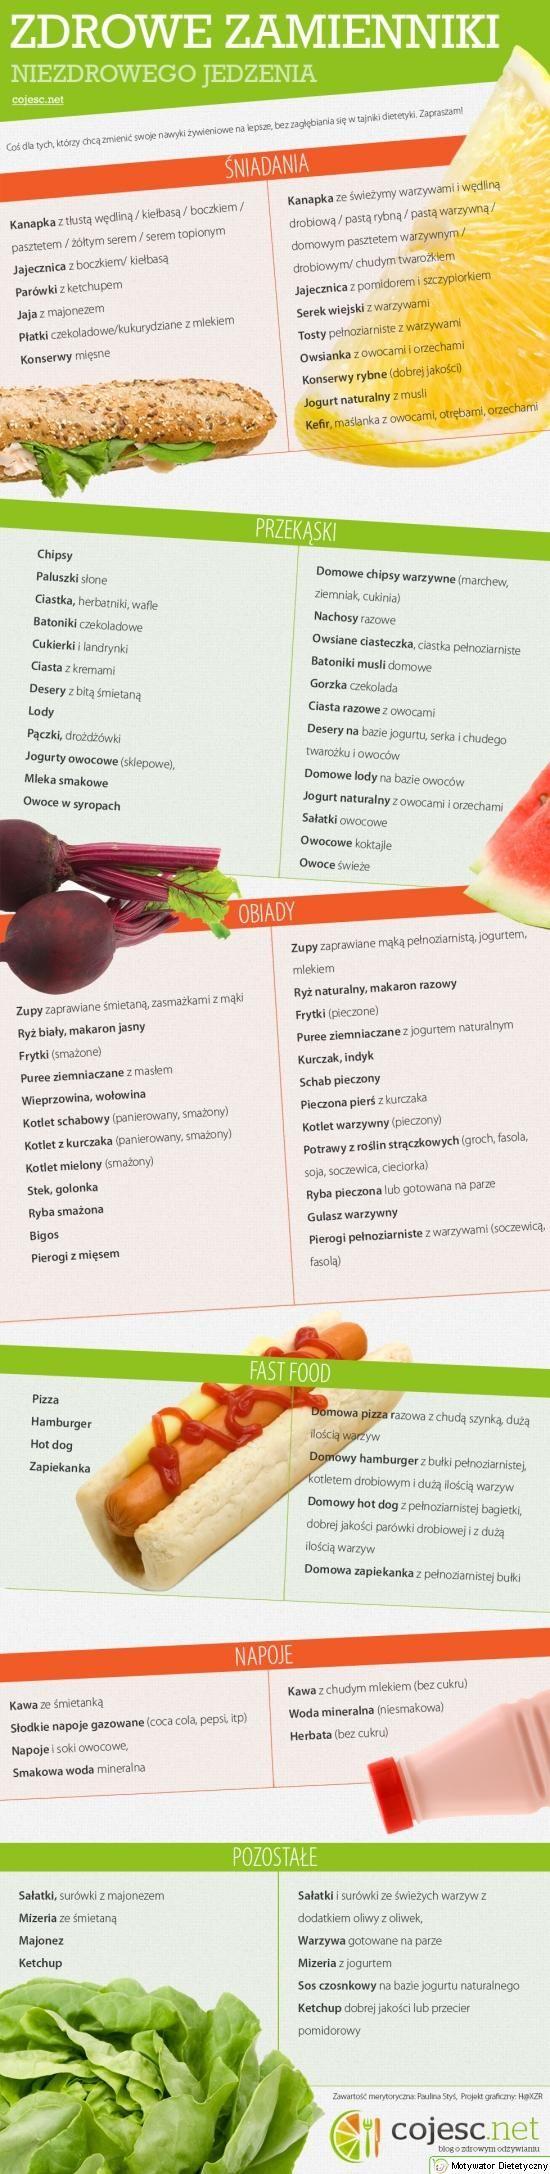 Zdrowe zamienniki posiłków | Motywator Ditetetyczny